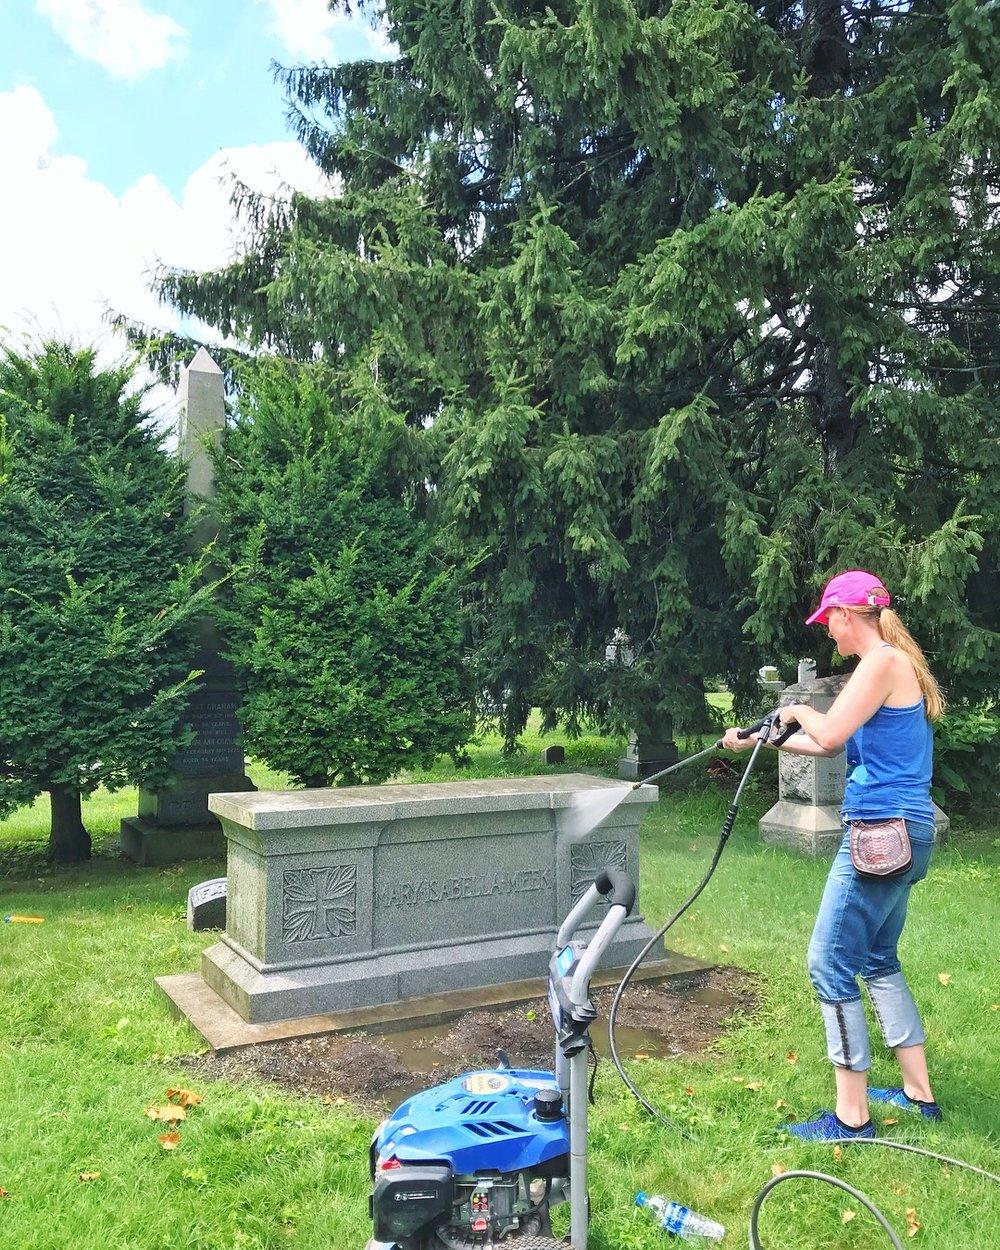 Lauren-Green-Wood-Preservation Volunteers-2018.jpg